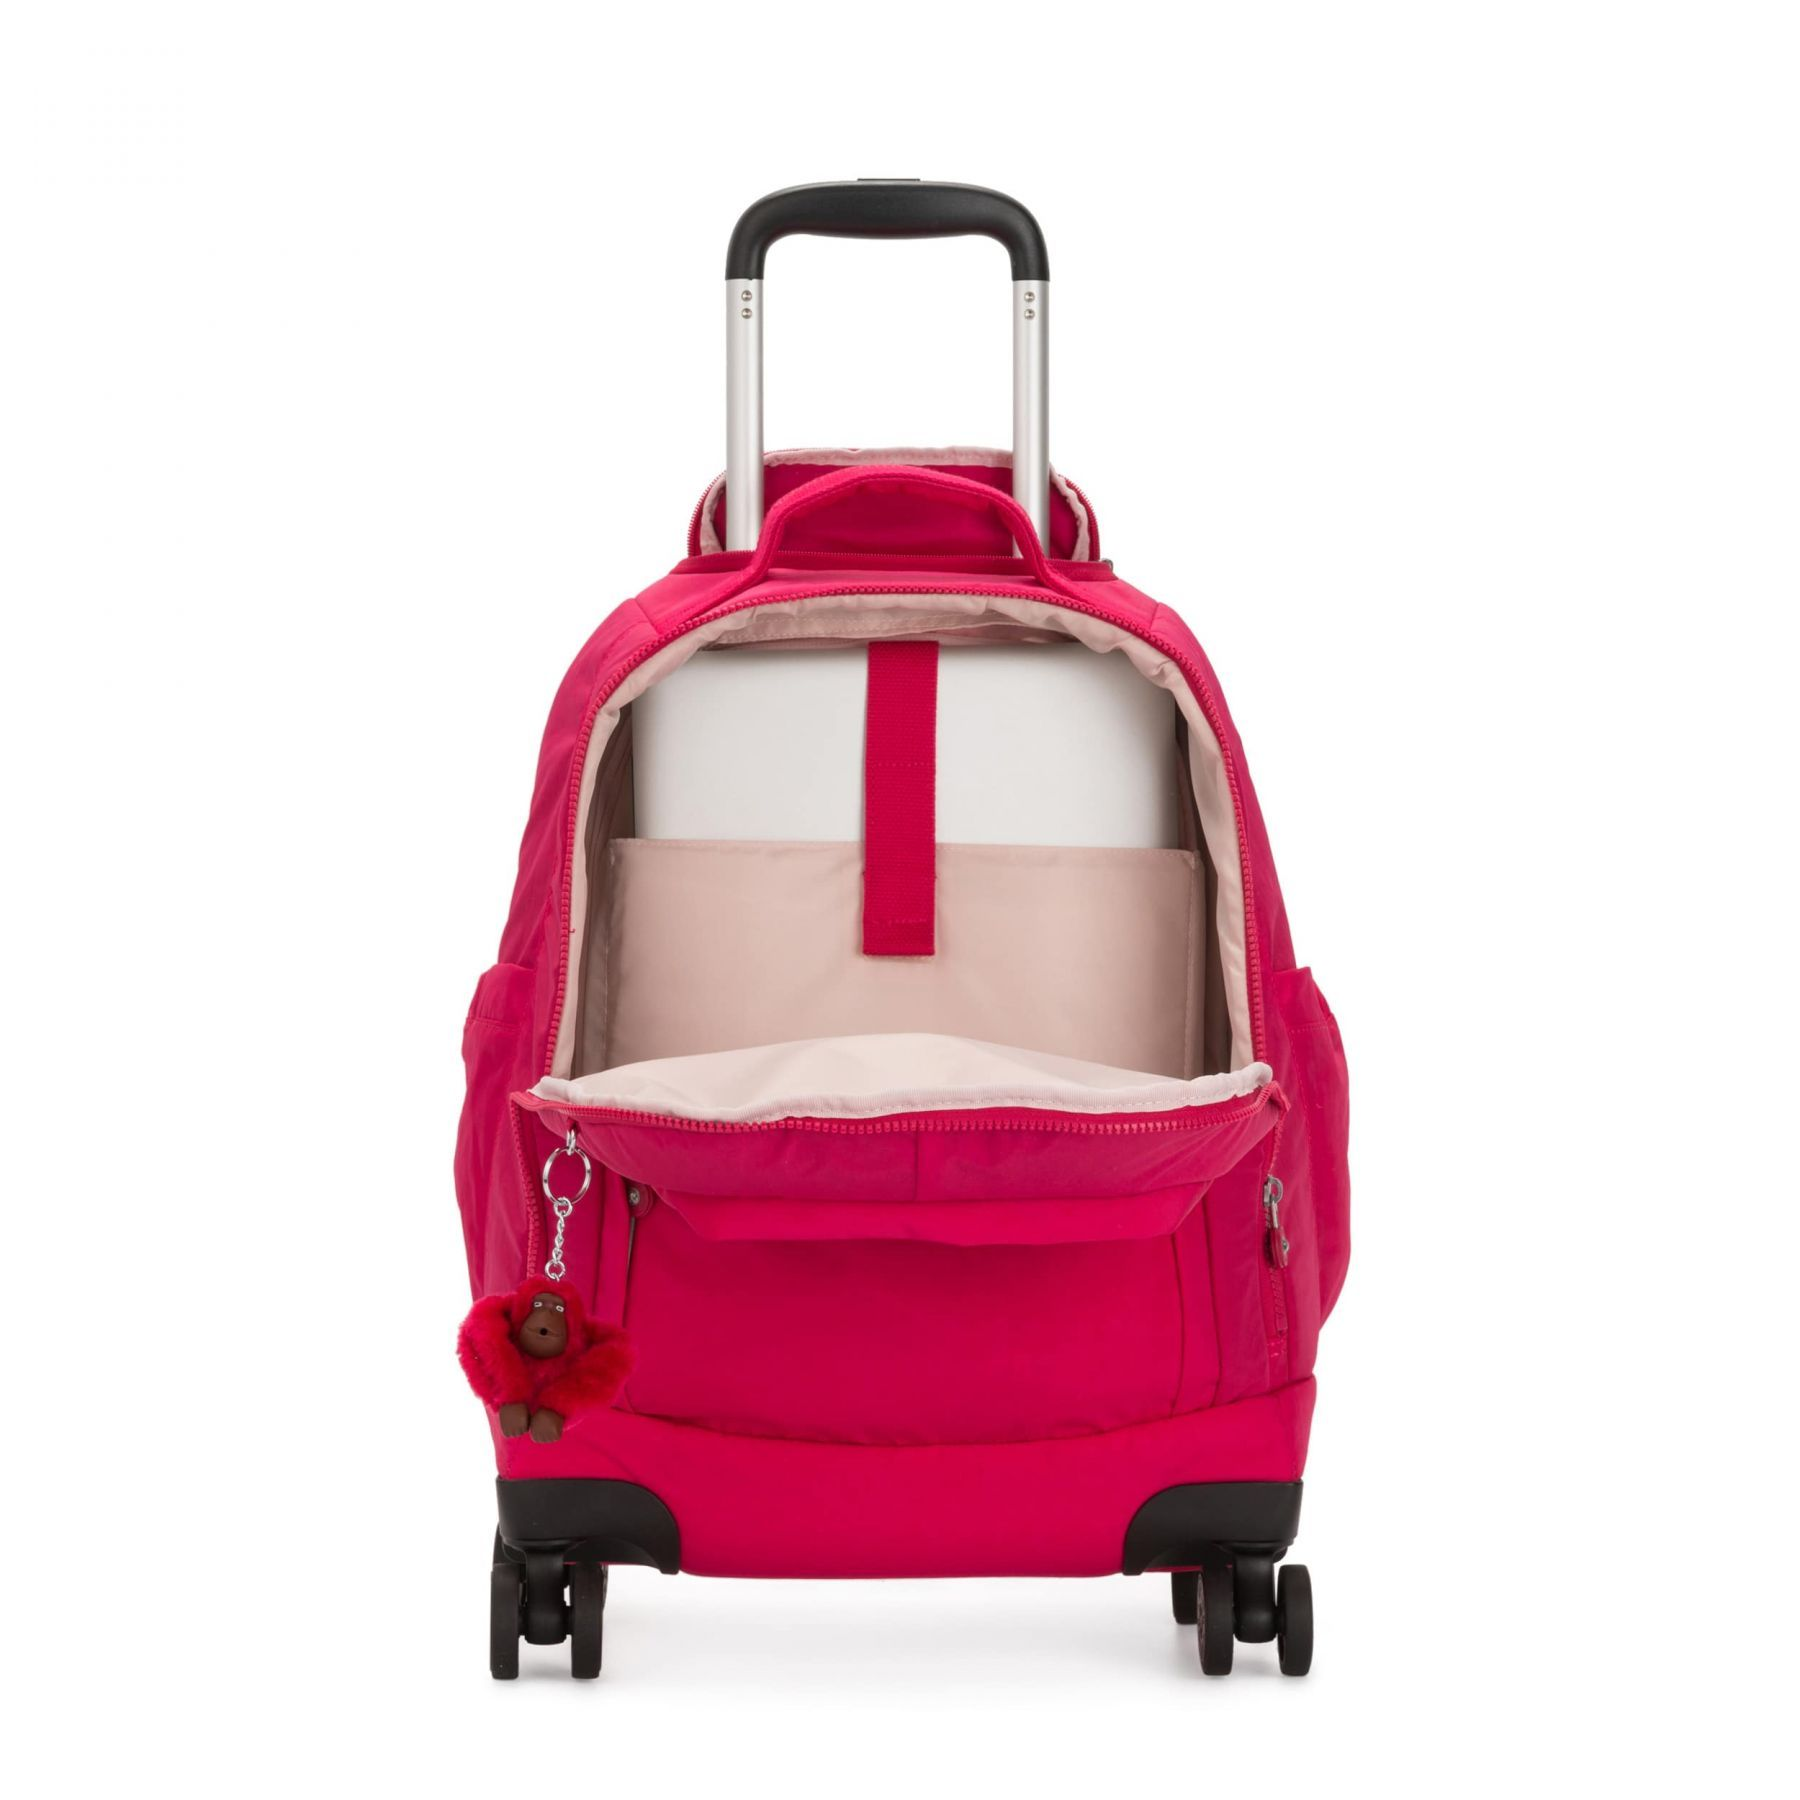 Mochila de Rodinhas Kipling Zea True Pink